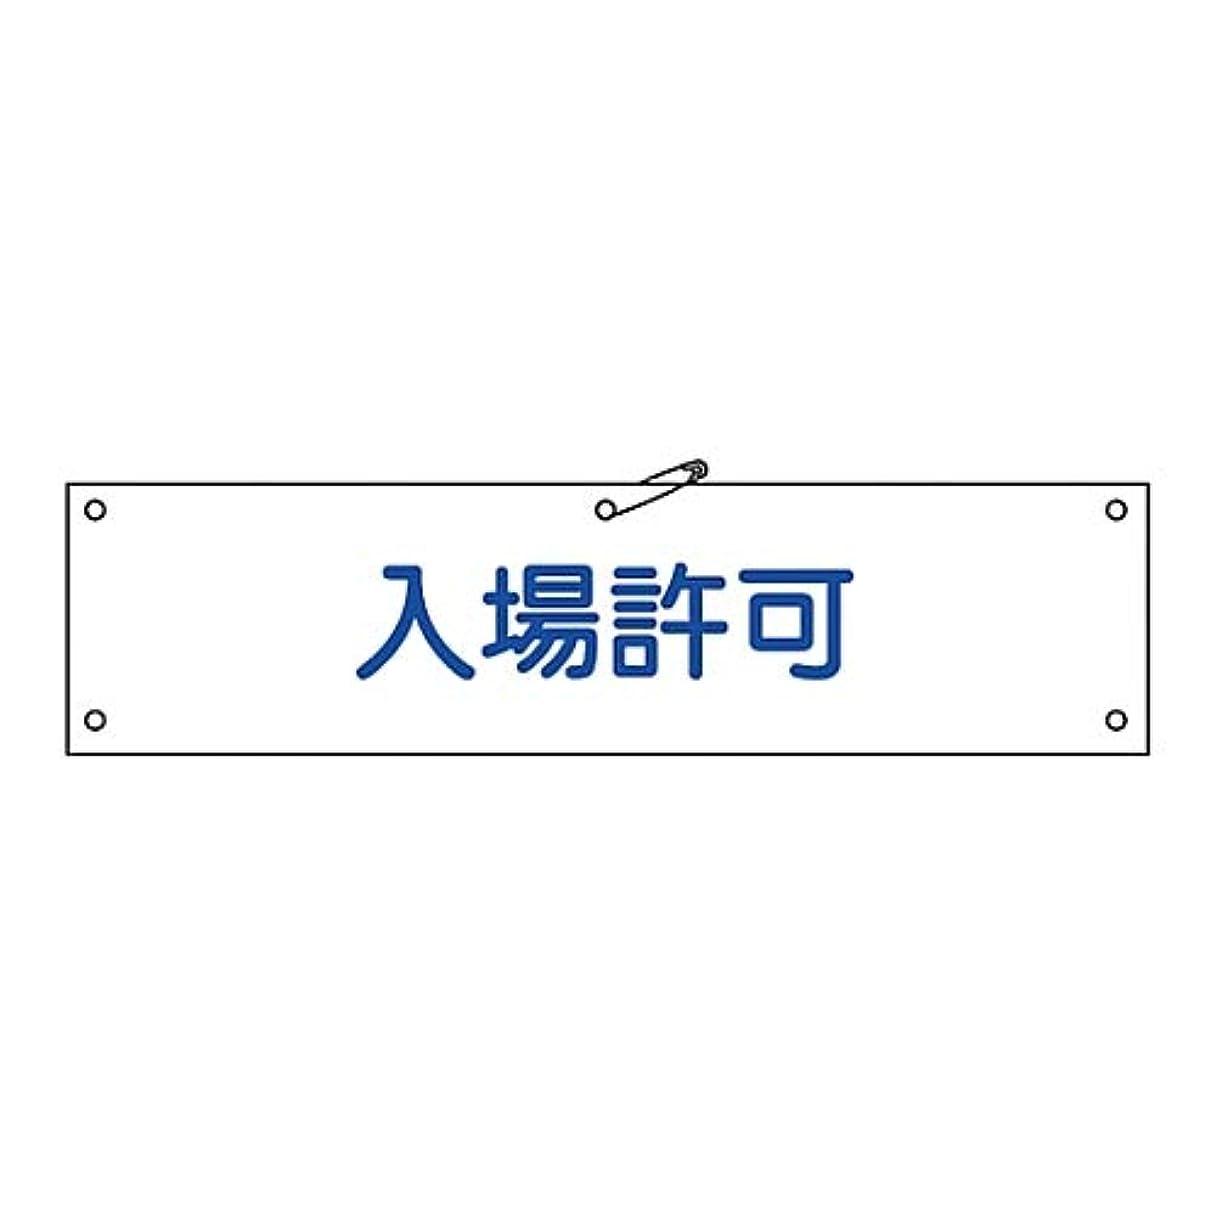 スプリット薬剤師菊腕章 「入場許可」 腕章-34A/61-3424-38